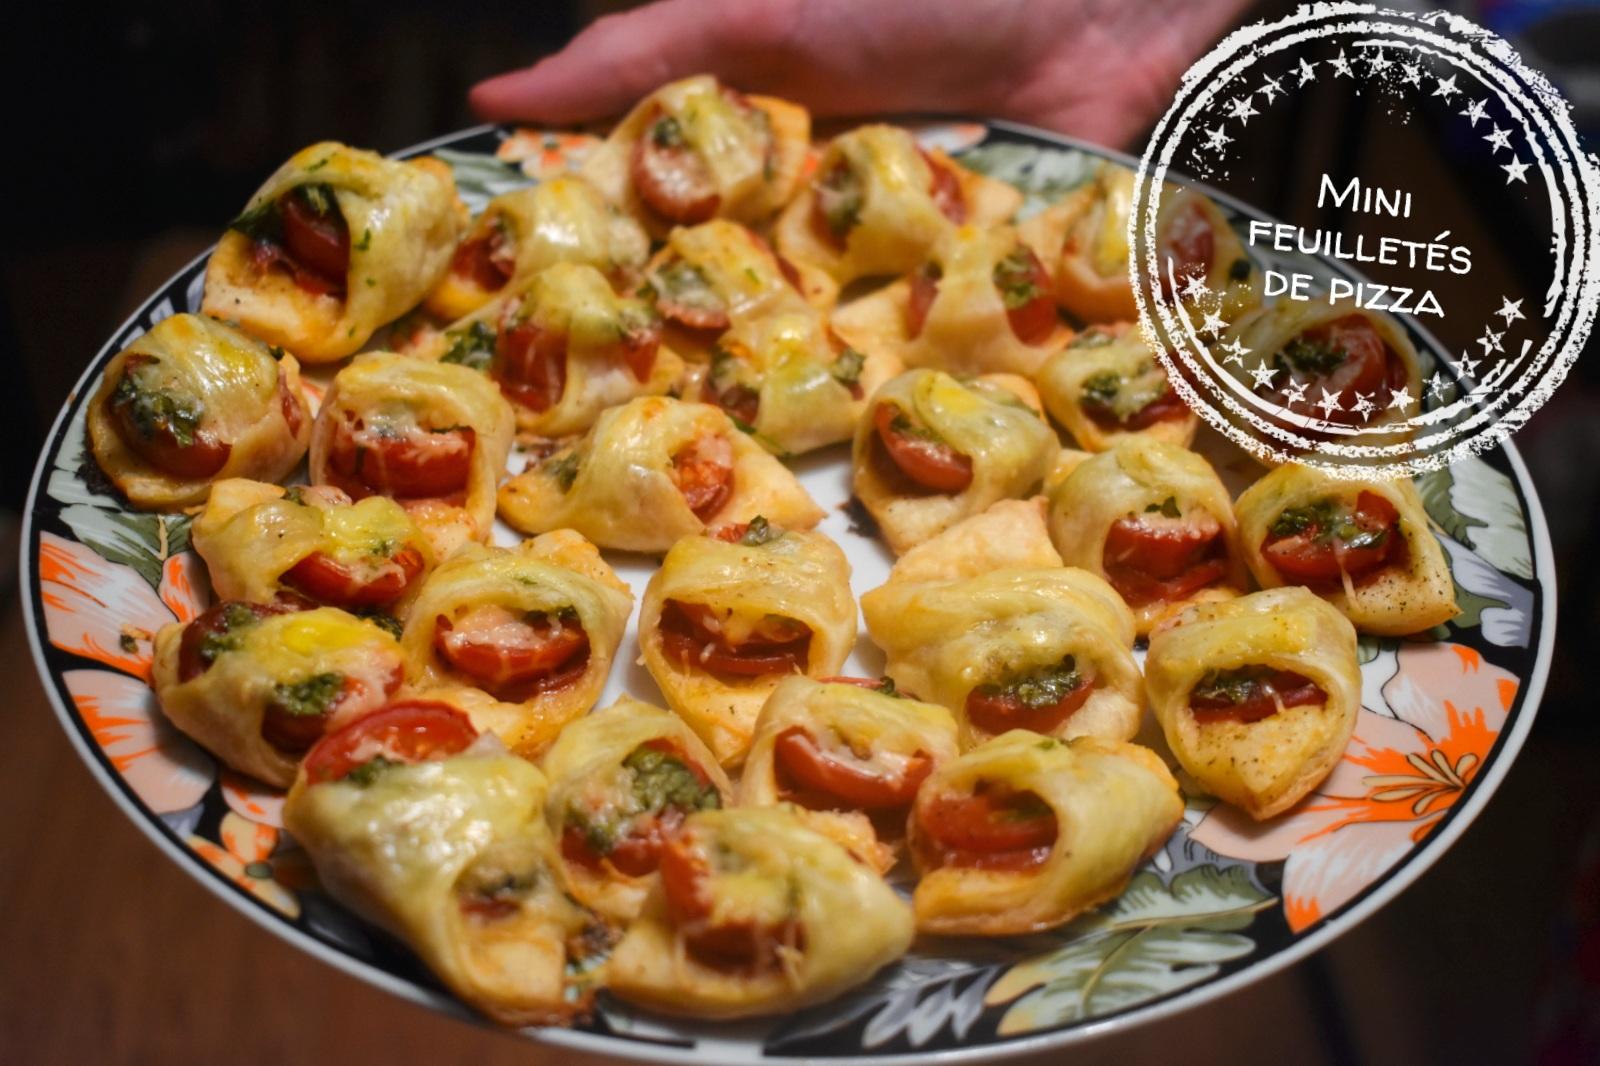 Mini feuilletés de pizza - Auboutdelalangue.com (9)